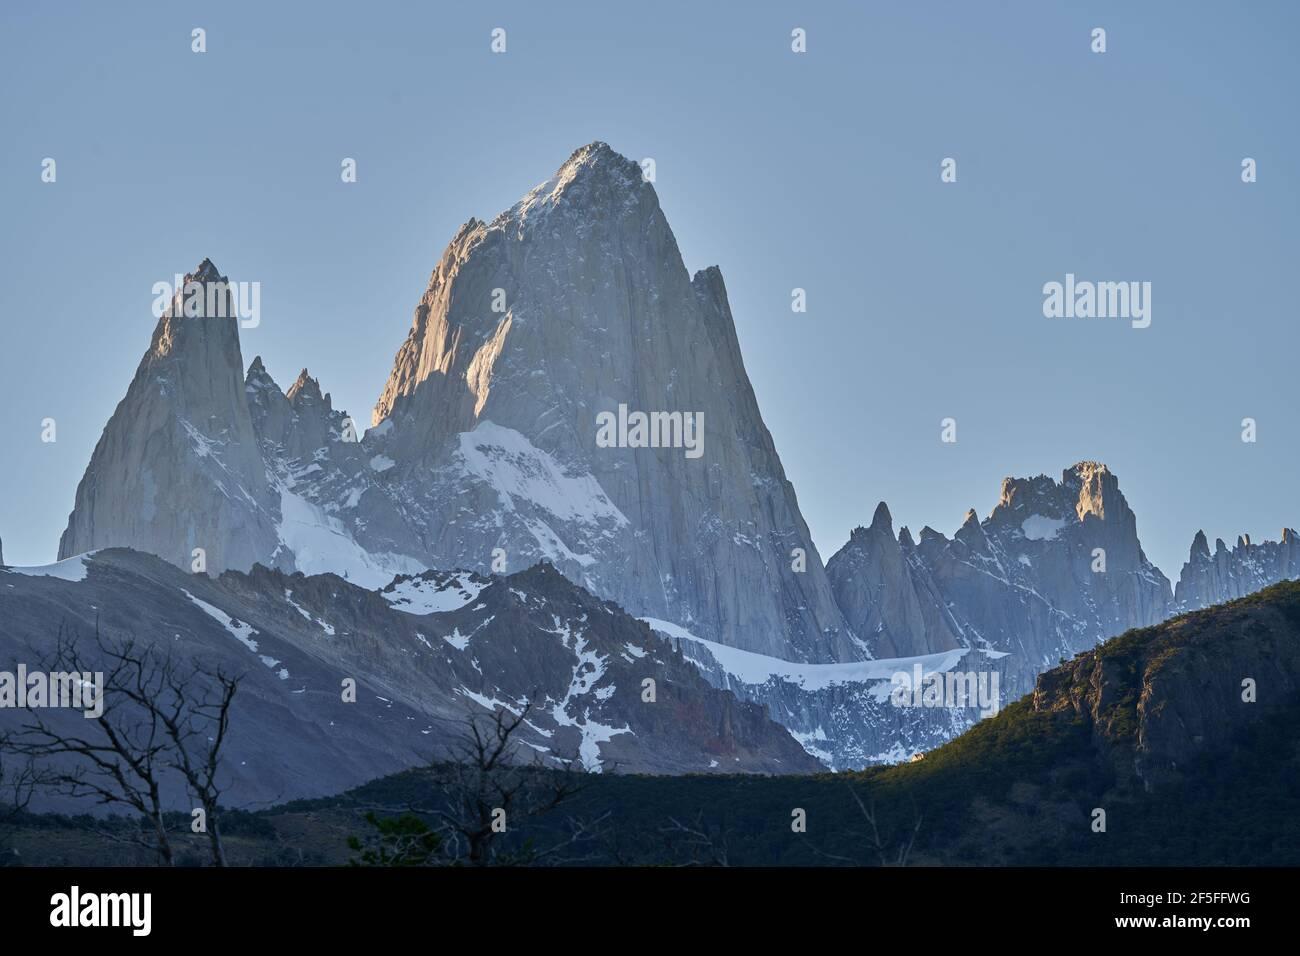 El Monte Fitzroy es un pico alto y característico en el sur de Argentina, Patagonia, Sudamérica y un destino turístico popular para el senderismo Foto de stock